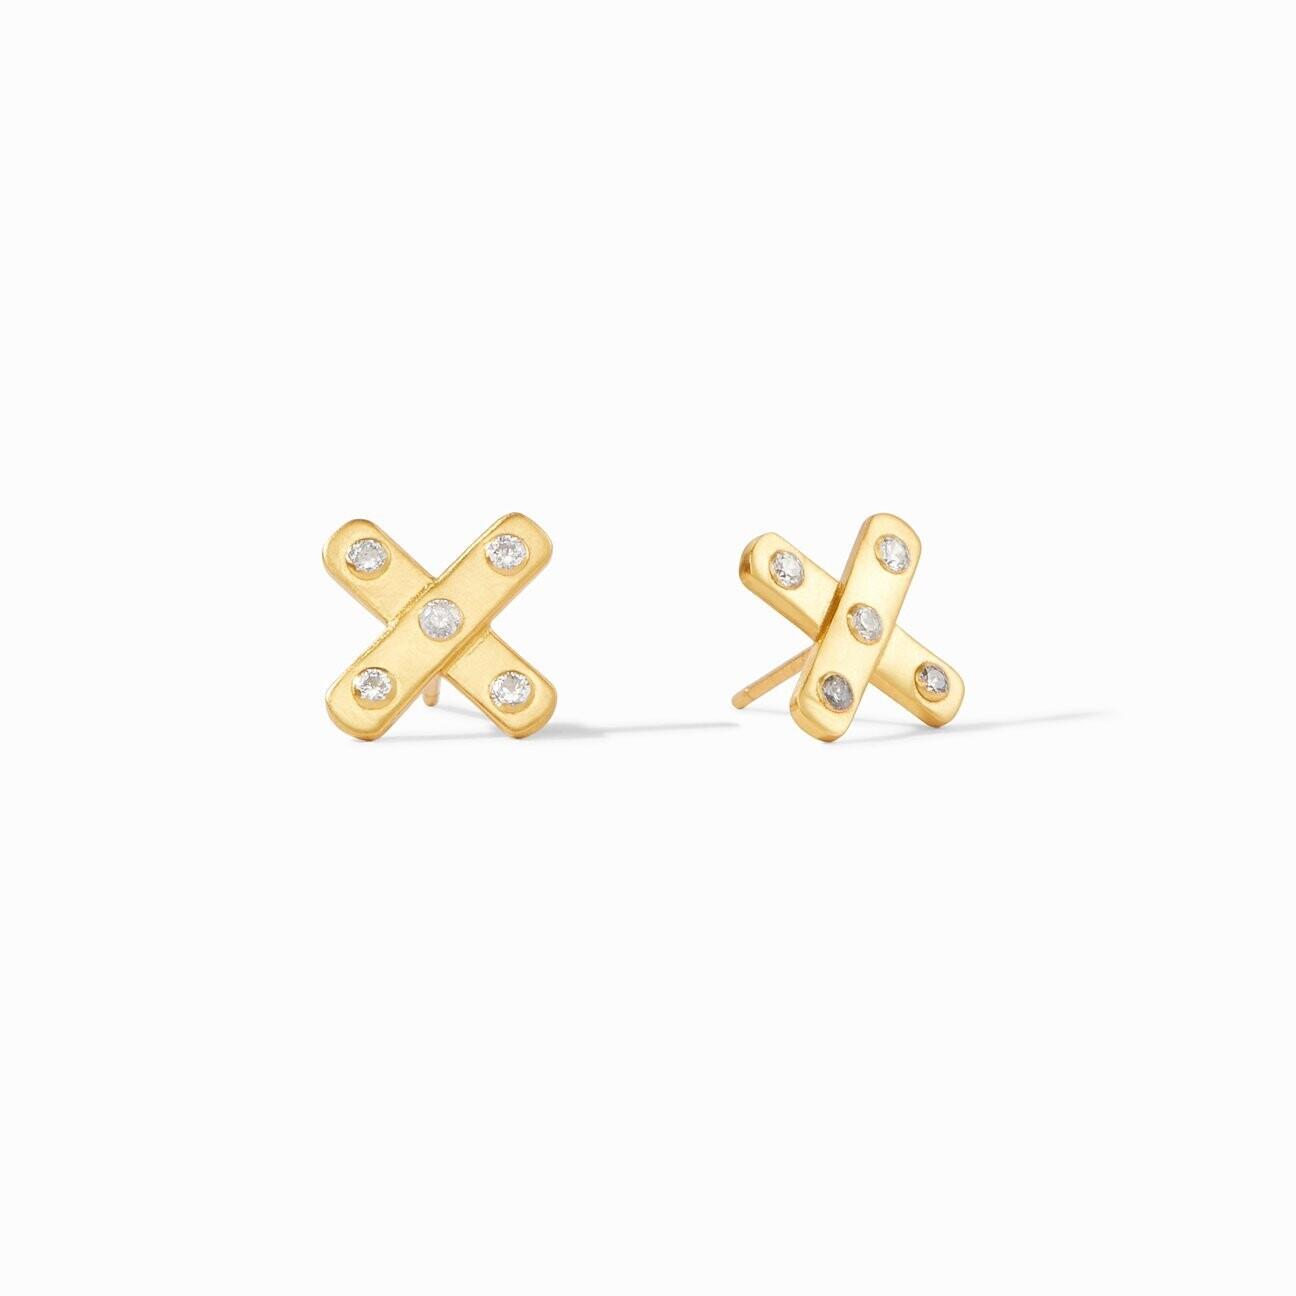 JULIE VOS Paris X Stud Earring